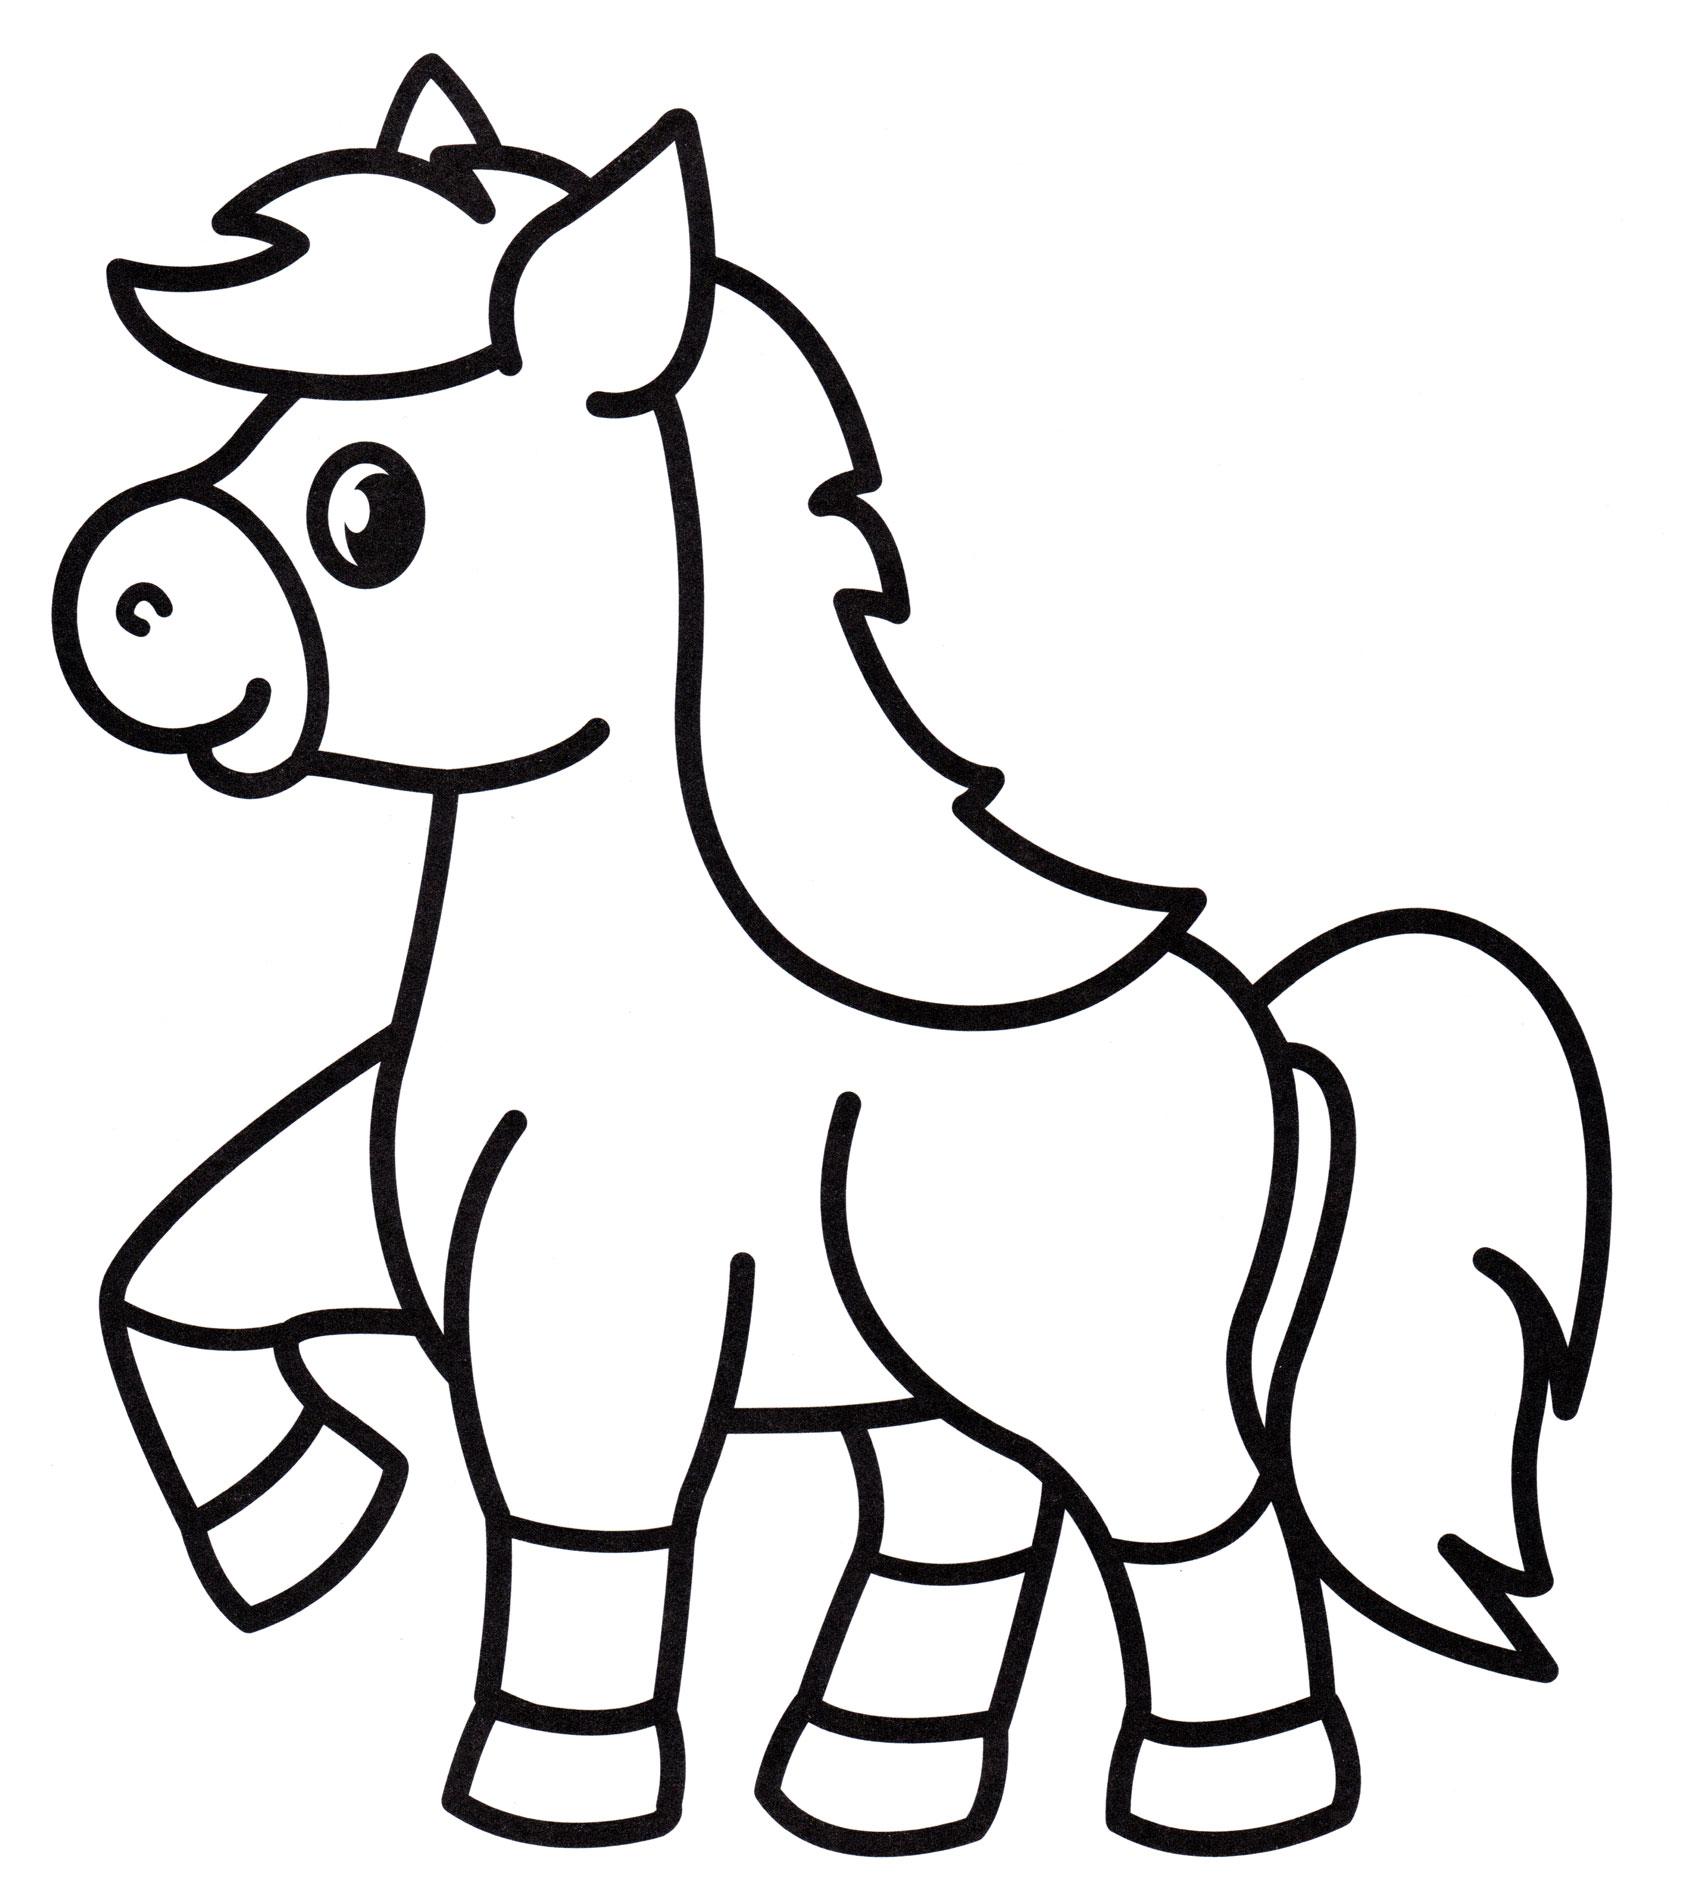 Раскраска Игривая лошадка, распечатать бесплатно или скачать